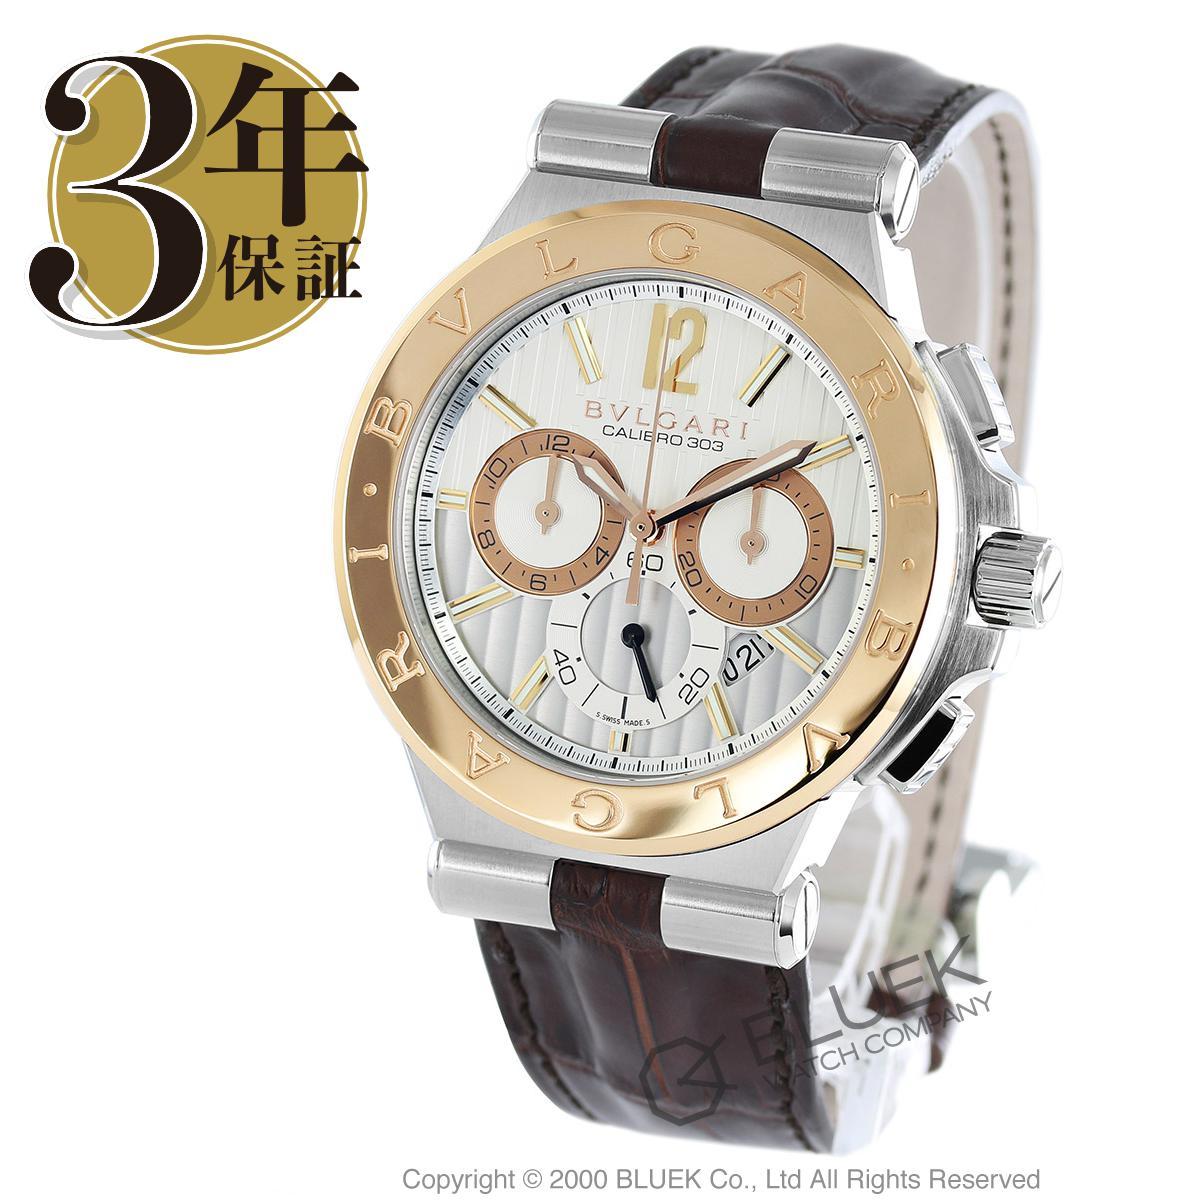 【15,000円OFFクーポン対象】ブルガリ ディアゴノ カリブロ303 クロノグラフ 腕時計 メンズ BVLGARI DG42C6SPGLDCH_8